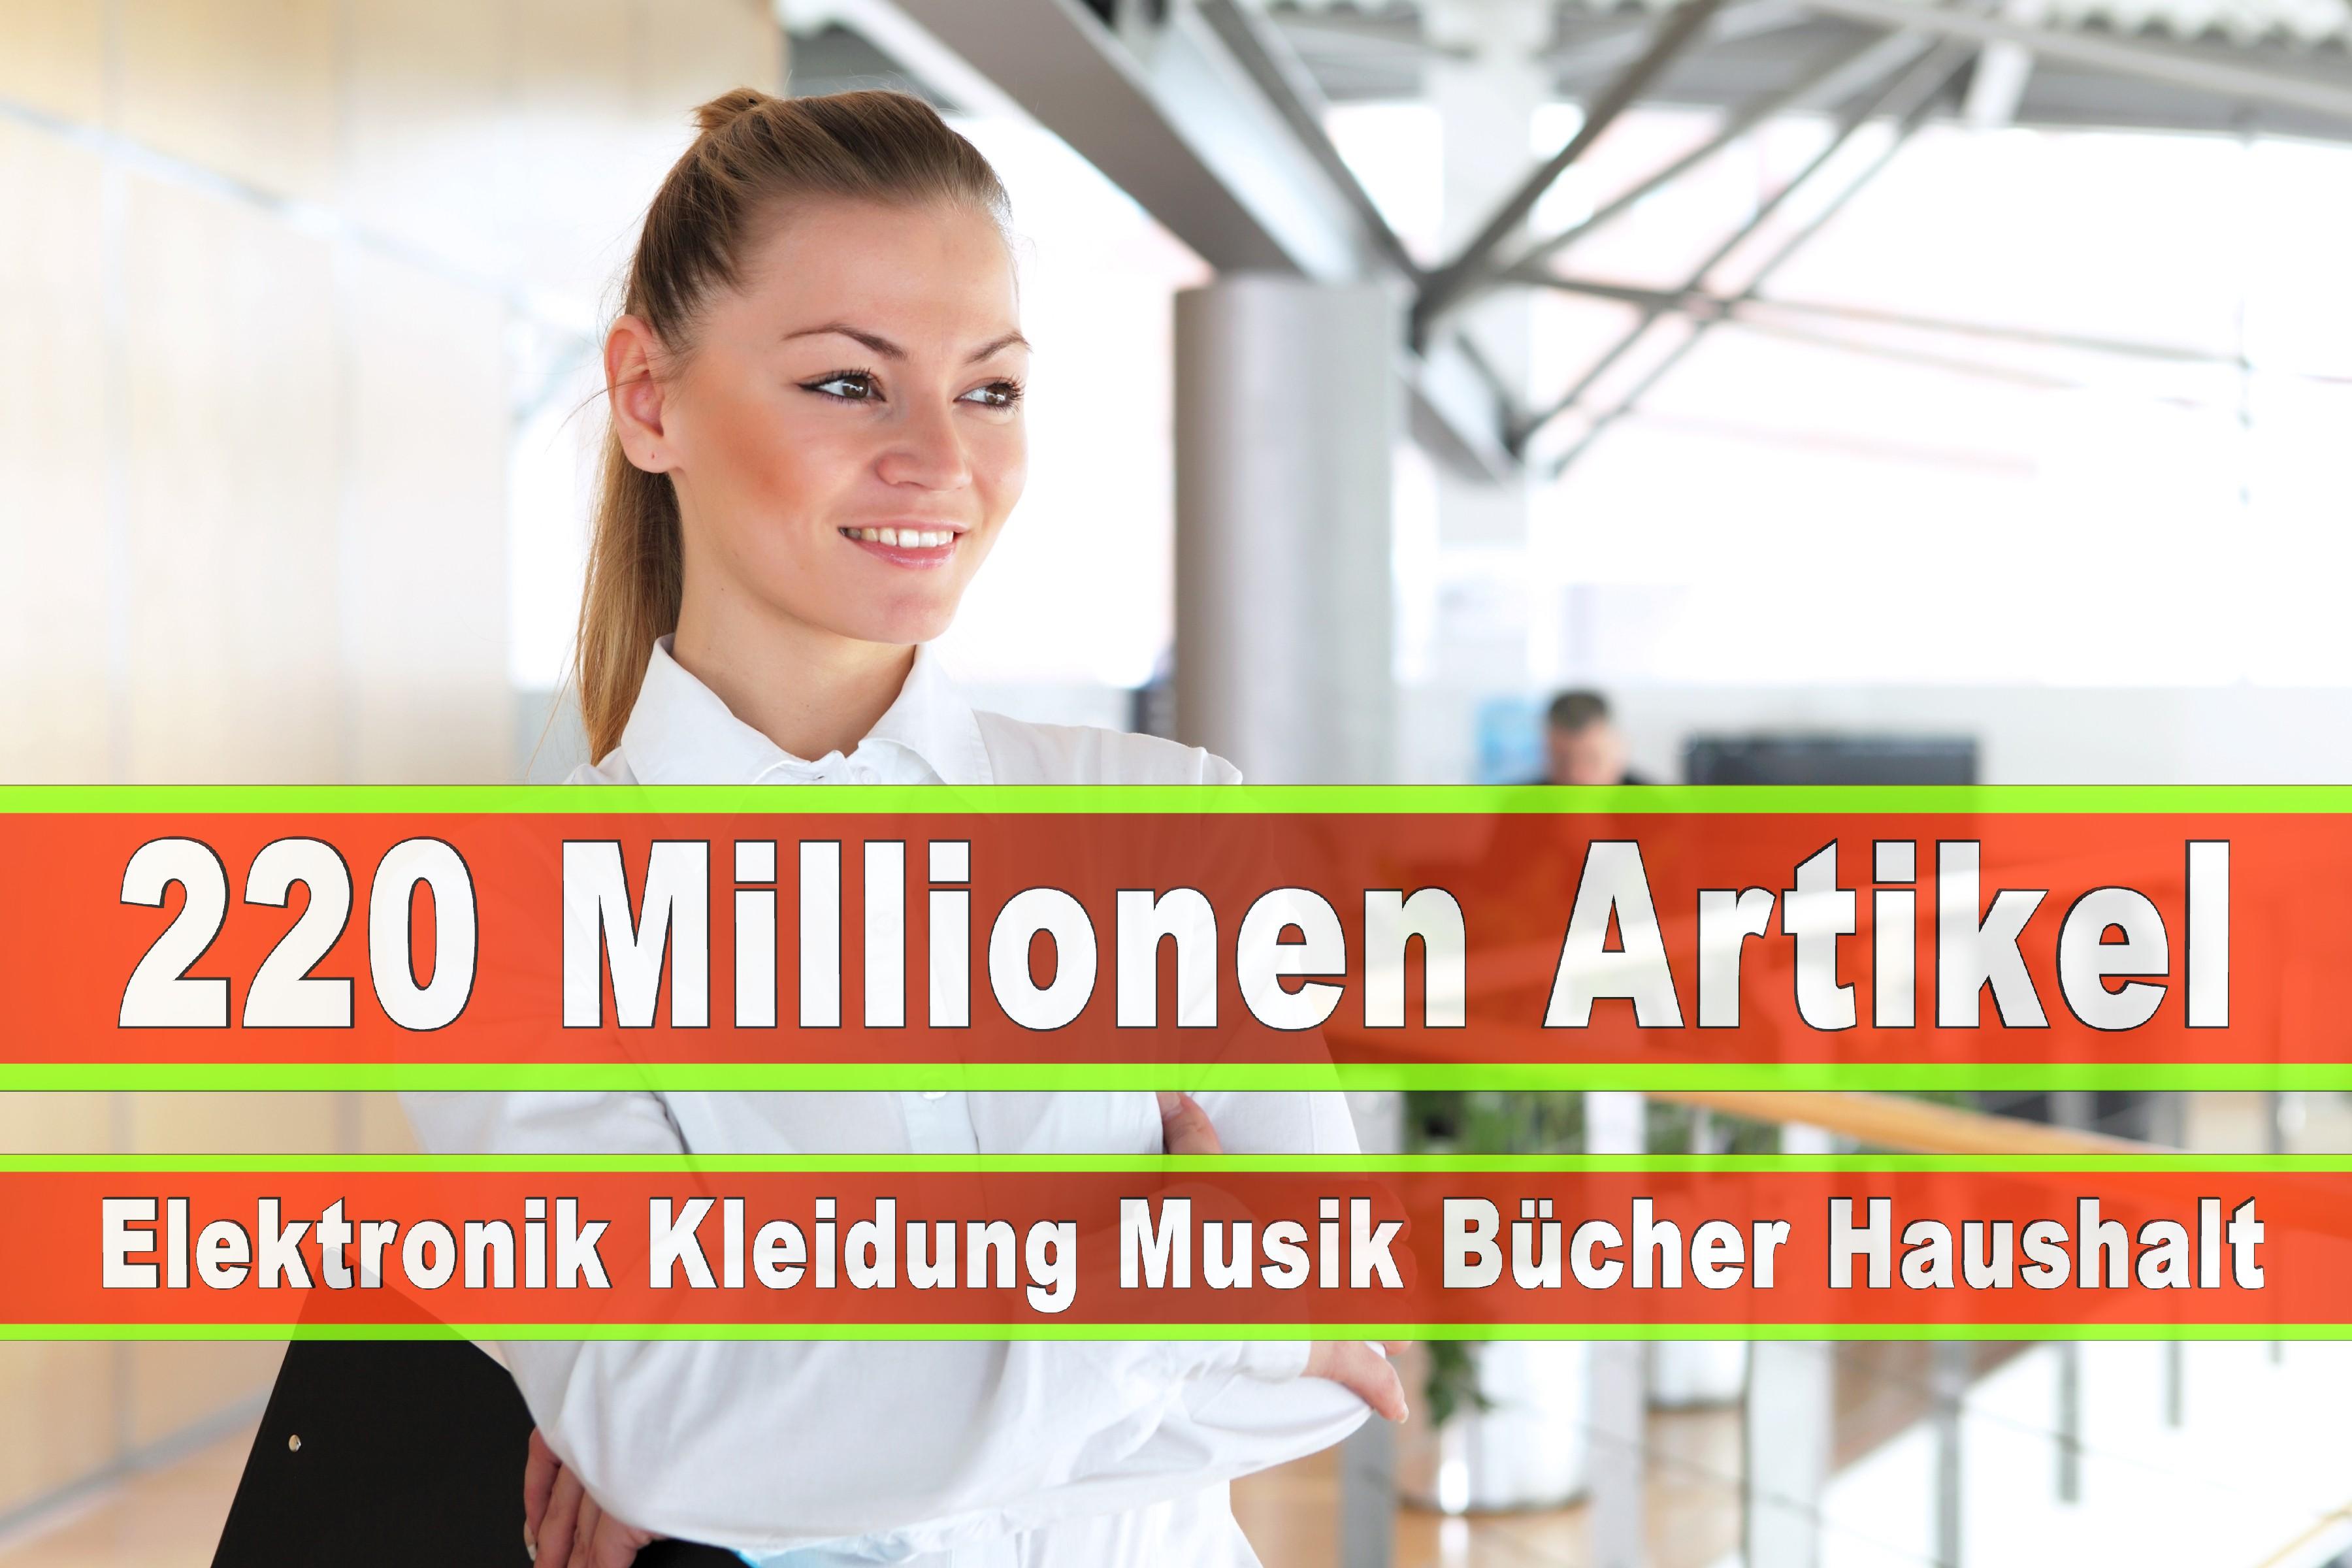 Amazon Elektronik Musik Haushalt Bücher CD DVD Handys Smartphones TV Television Fernseher Kleidung Mode Ebay Versandhaus (122)